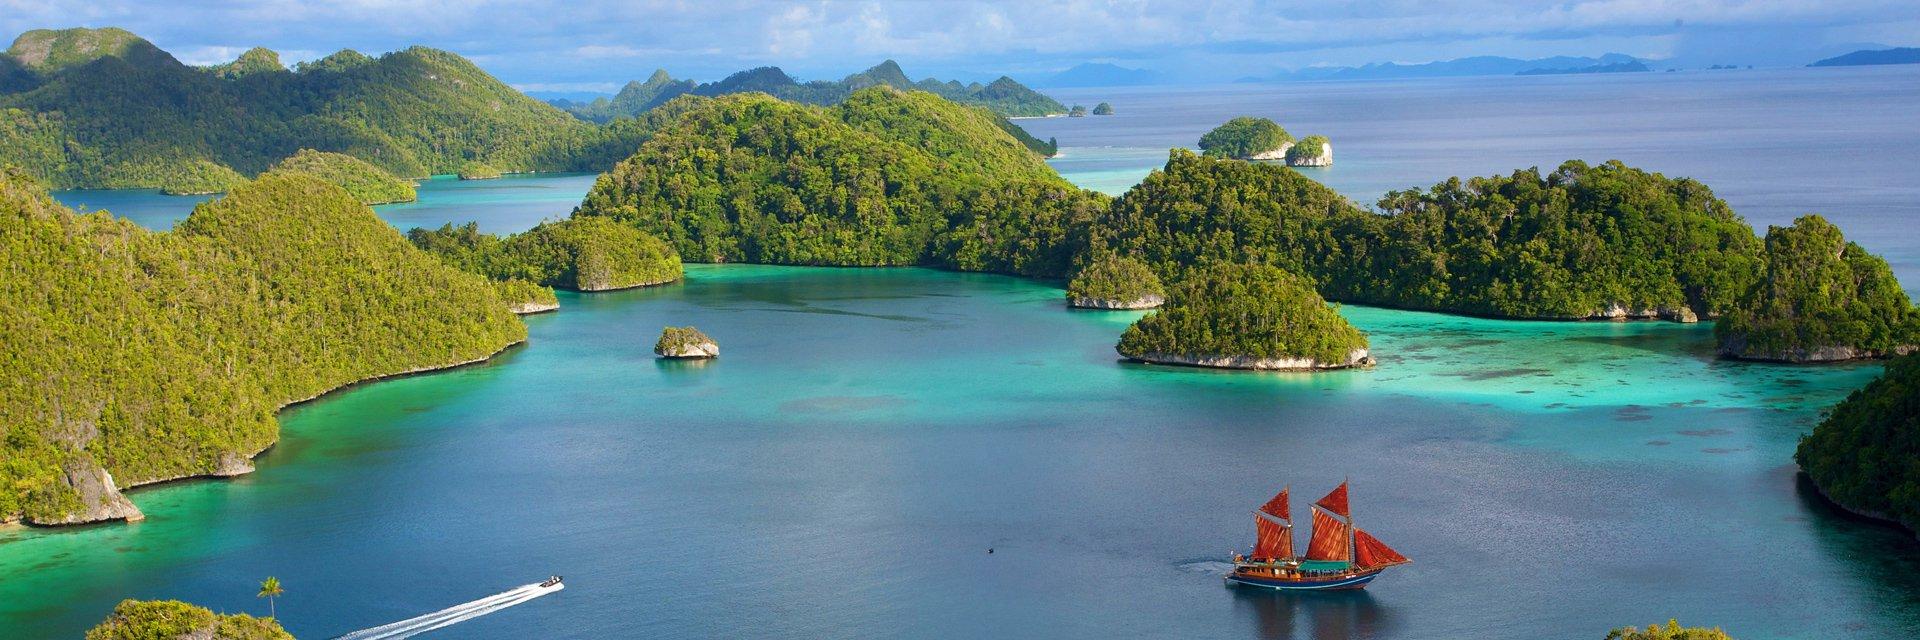 Туры в Куту (Индонезия) на 8 марта 2021 из Москвы - цены, путевки на отдых в Куте на 8 марта - ПАКС